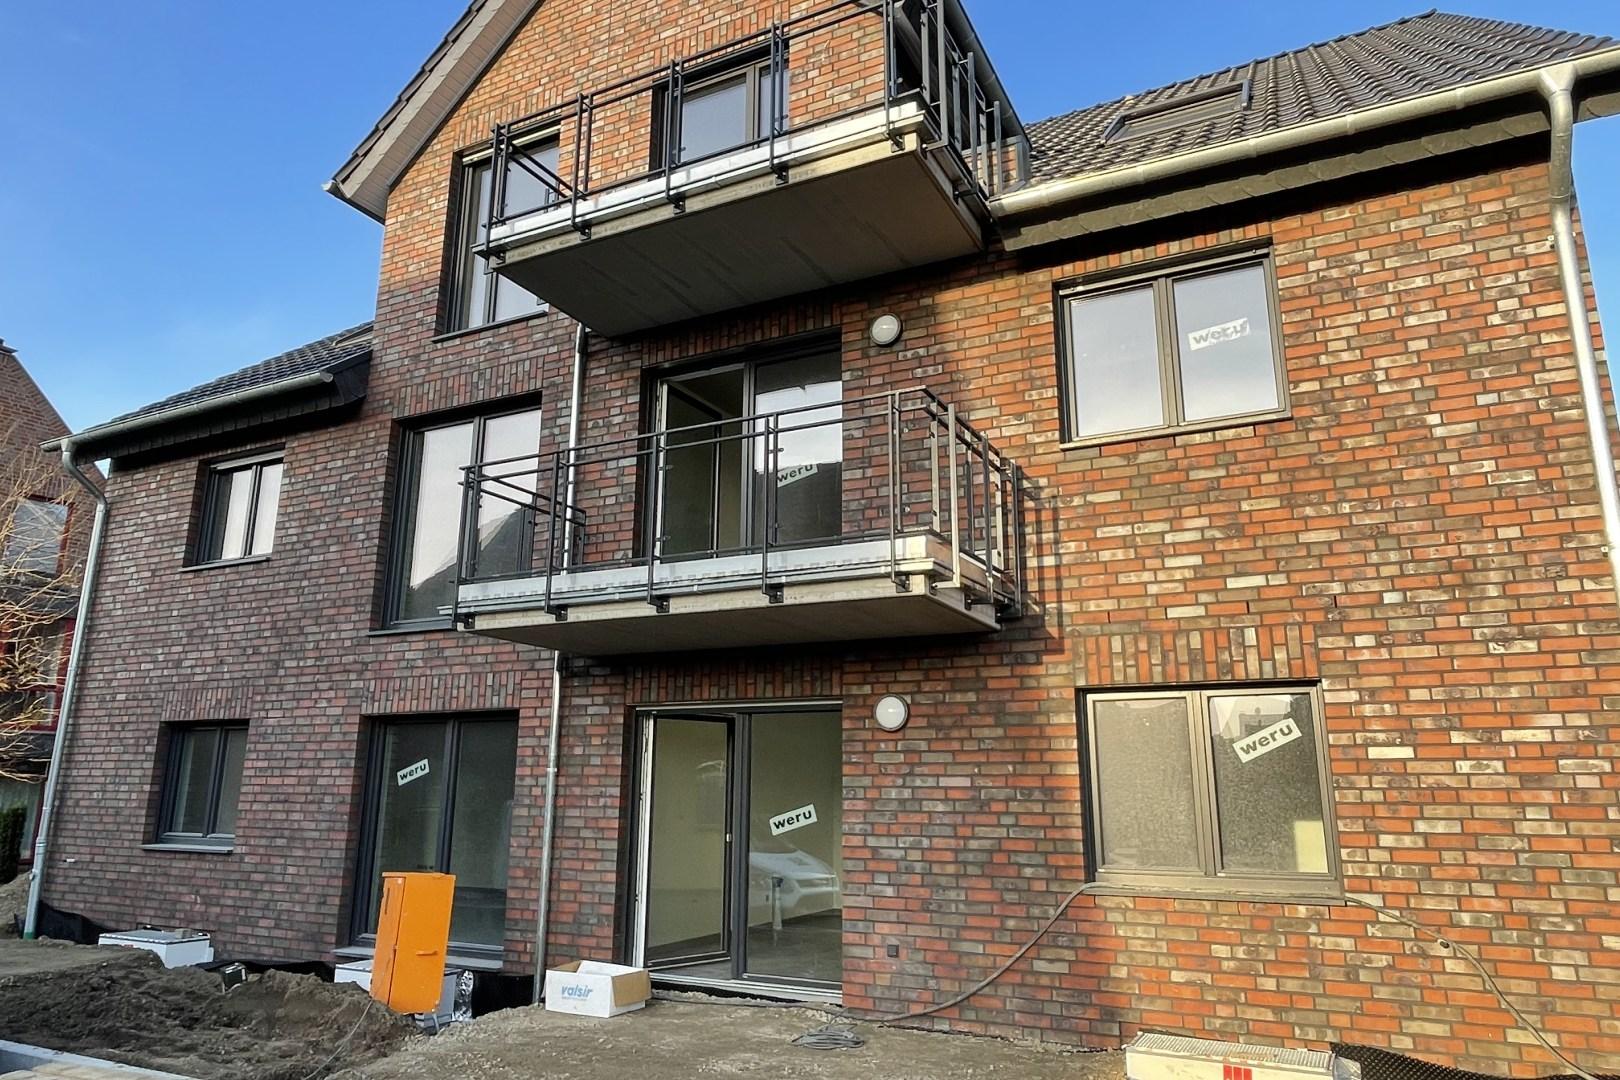 Immobilie Nr.0361a - Neubau: 3-Raum-Wohnung mit Balkon und 2 Außenstellplätzen - Bild 2.jpg